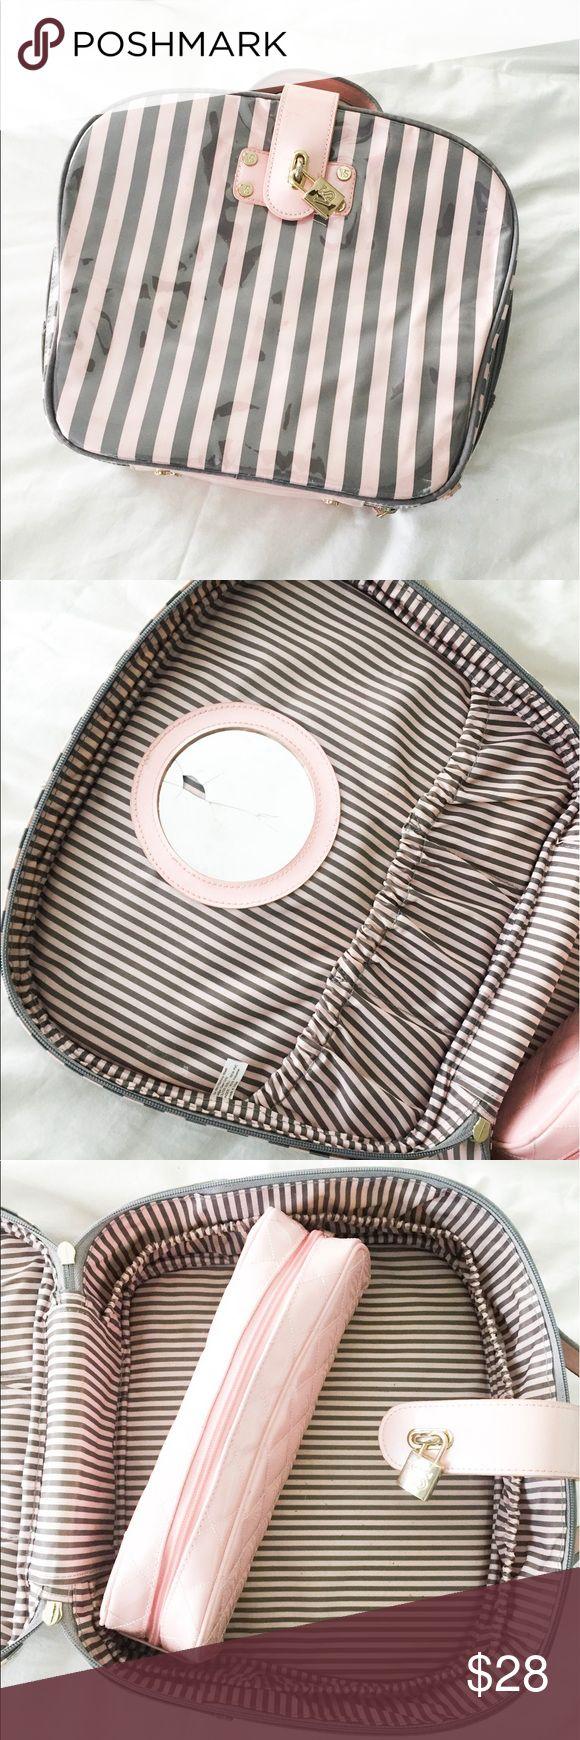 VS Makeup Bag Victoria Secret train case / make up case Victoria's Secret Bags Cosmetic Bags & Cases